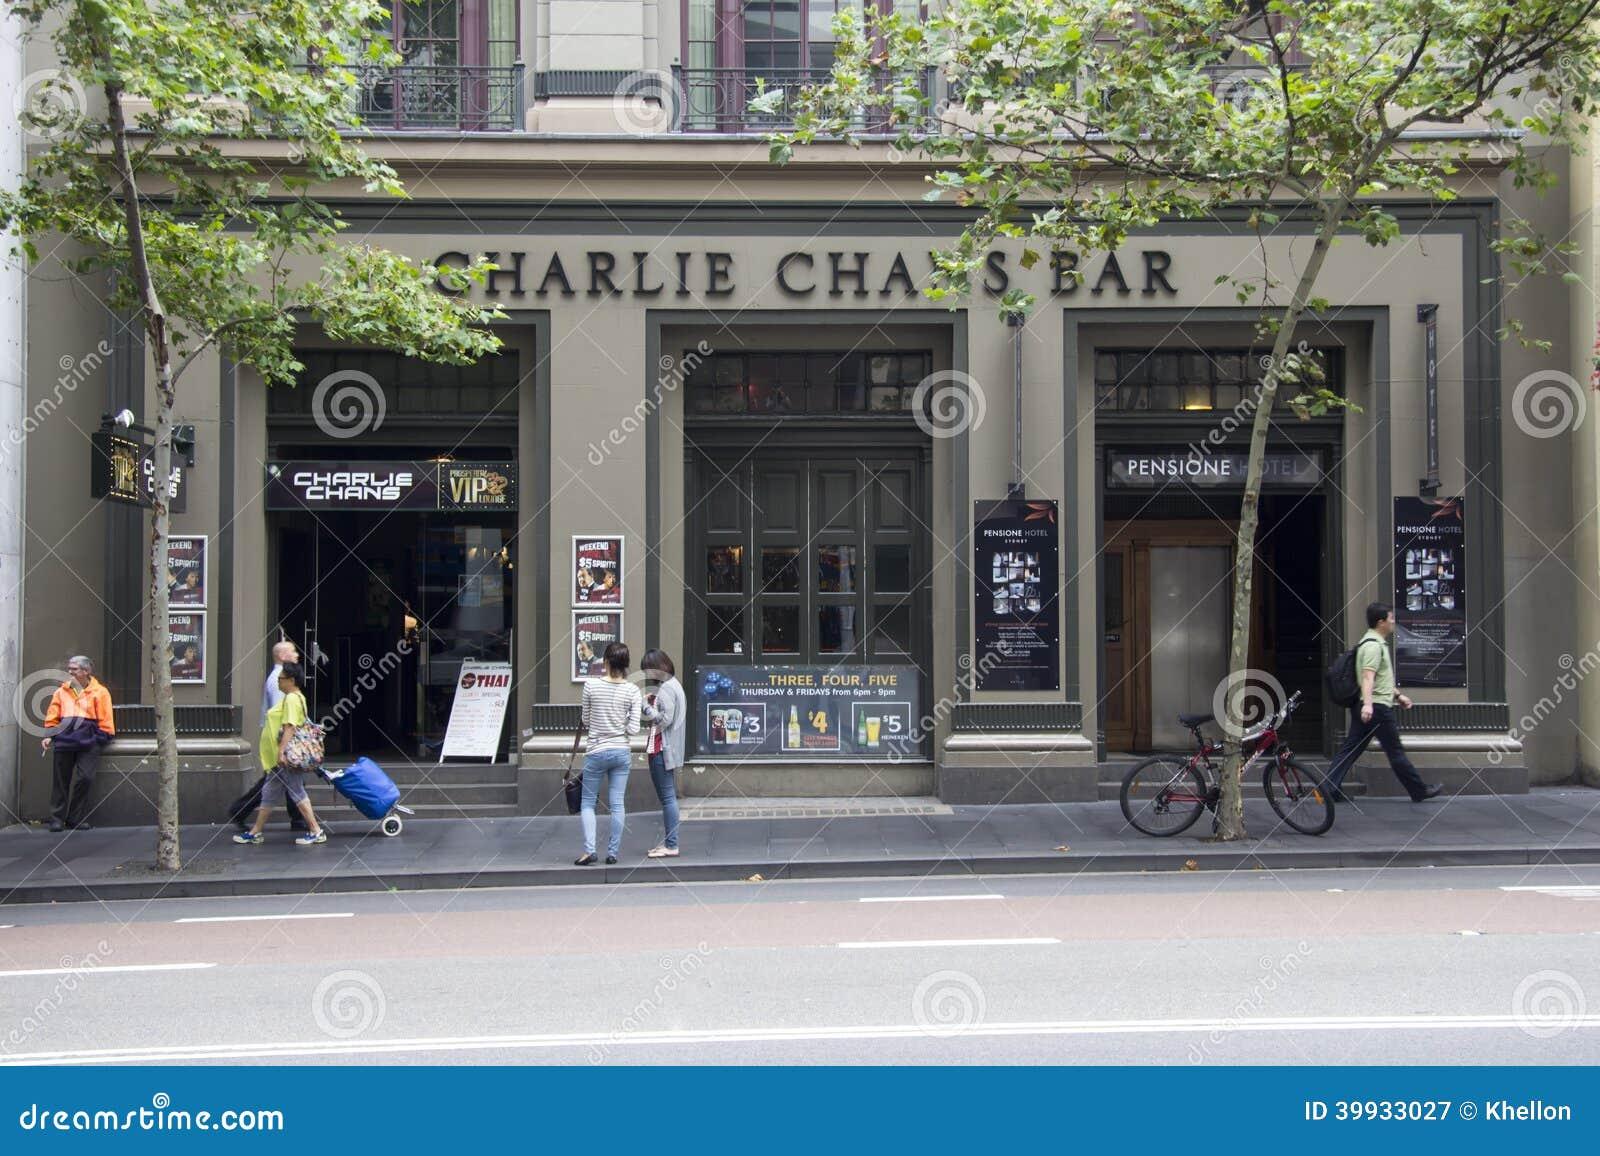 Sydney, marzec 15th 2013: Charlie Chan bar na George